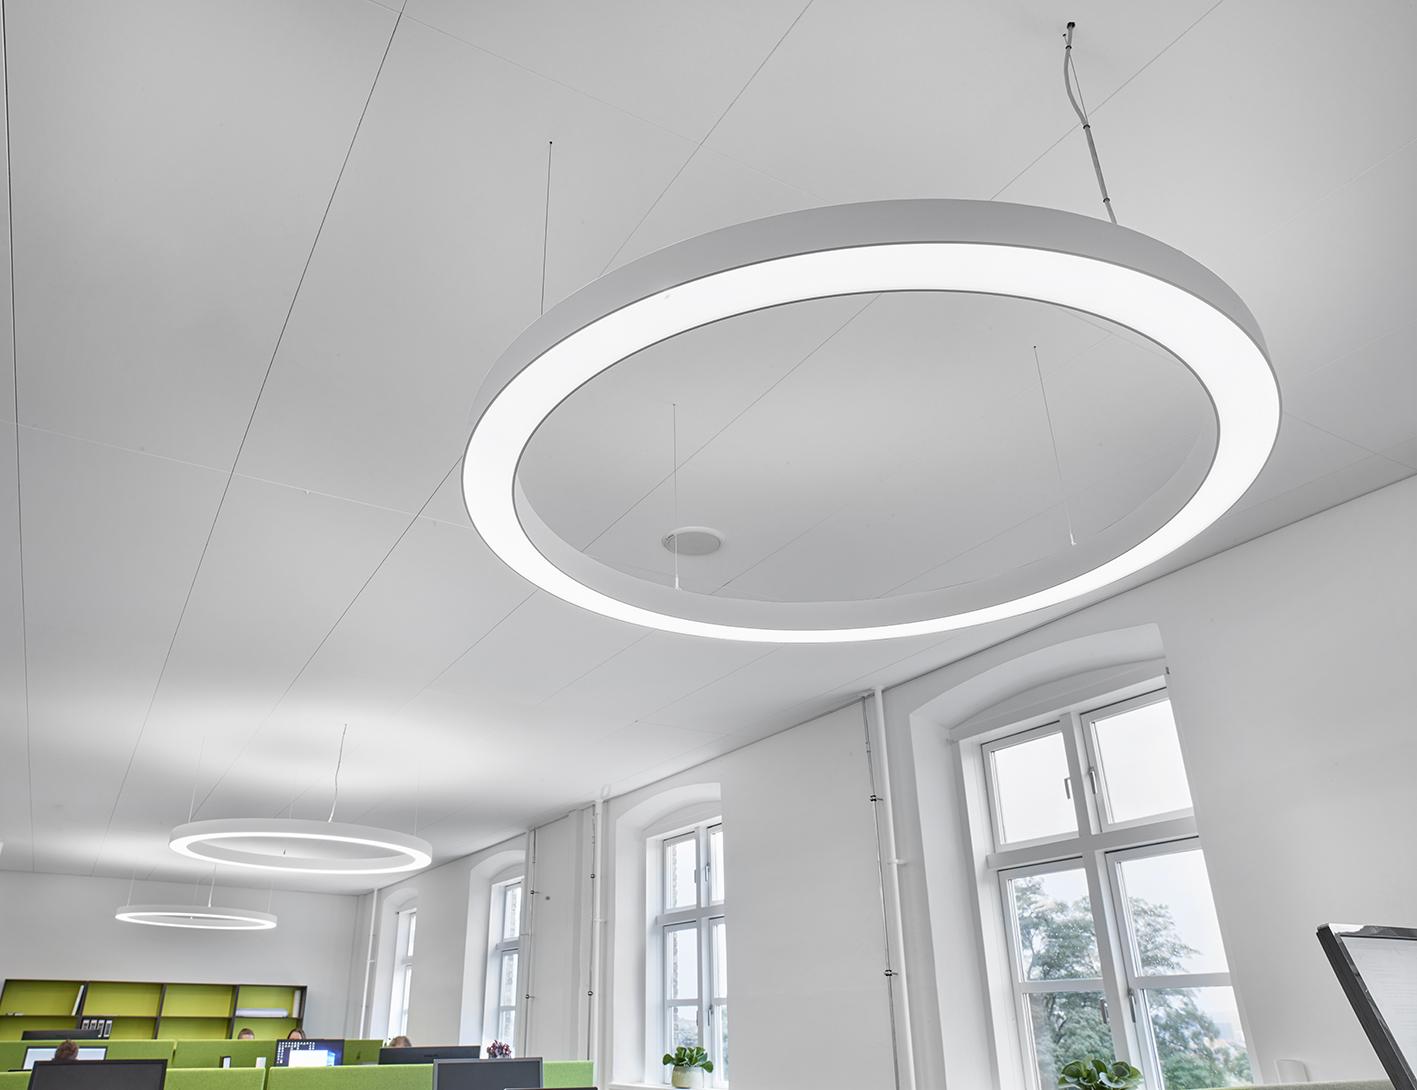 Ringo Star rund lampe nedhængt fra loft i åbent kontor miljø nærbillede - Luminex